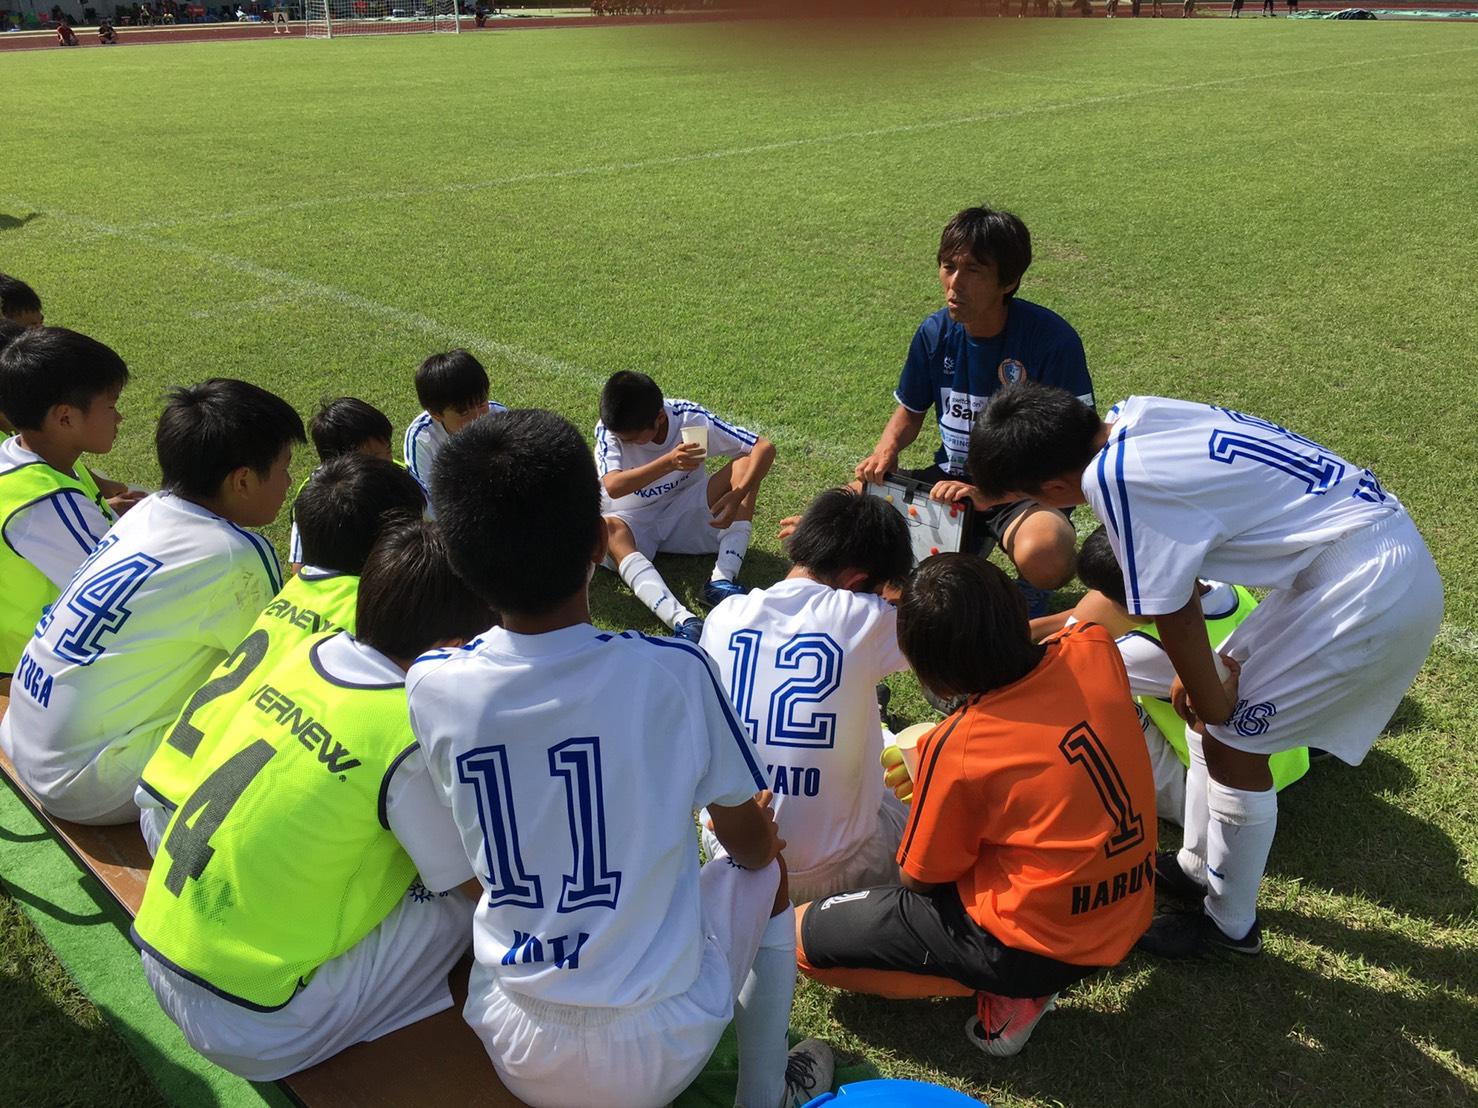 ハーフタイムで横山監督の指示を受ける選手達